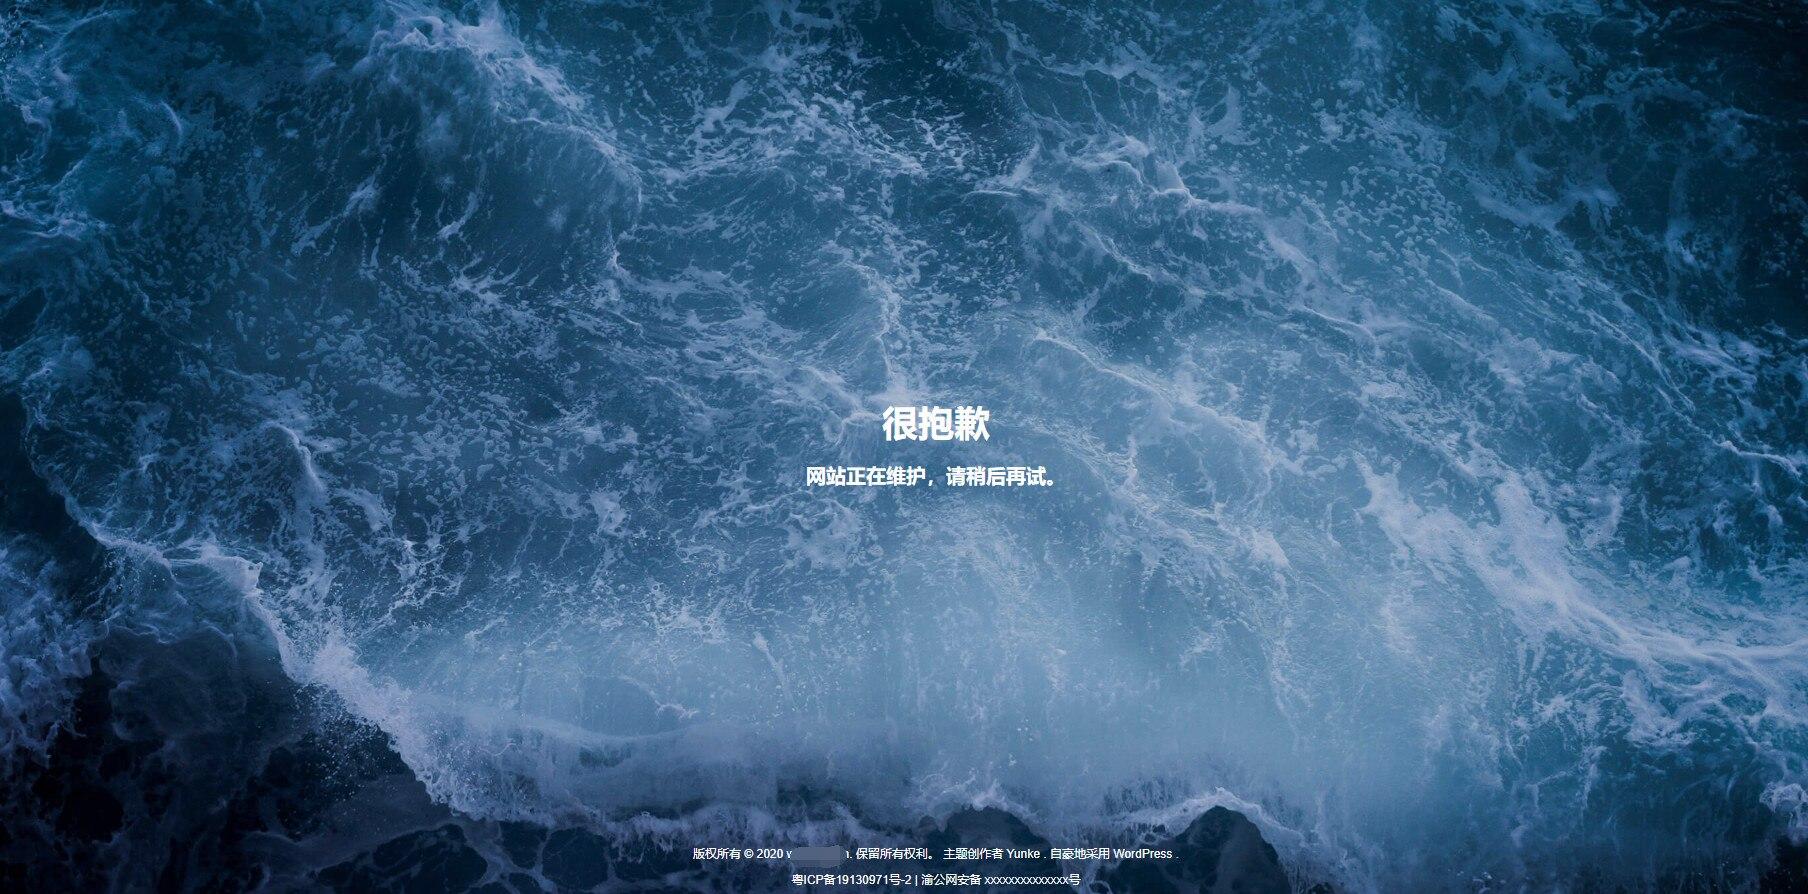 海浪波涛汹涌网站维护html源码图片